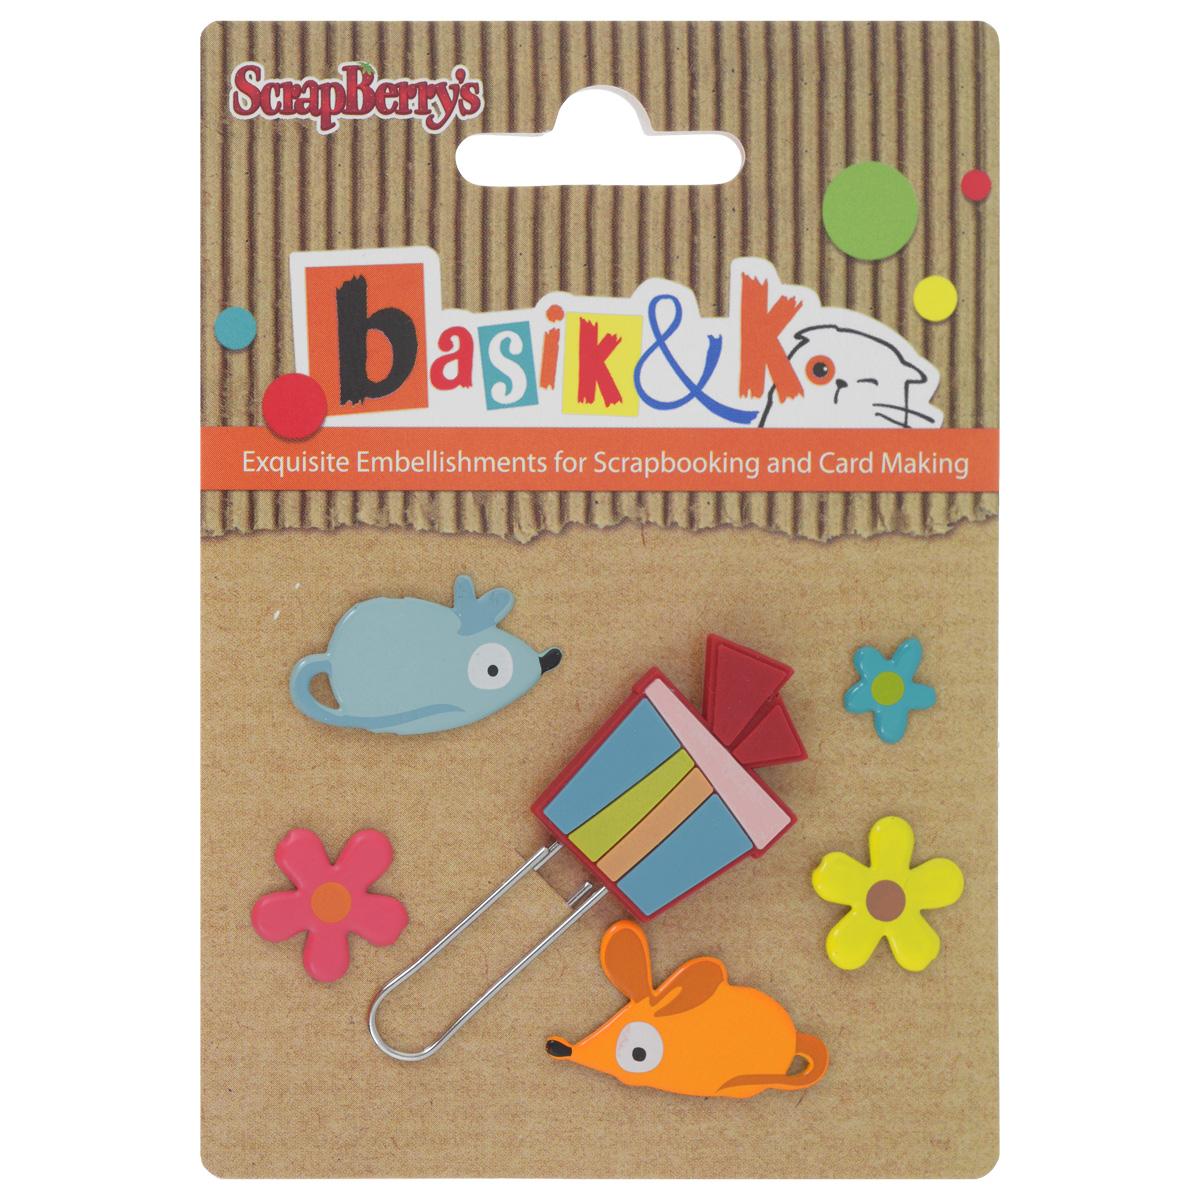 Набор брадсов Basik & K Кошки-мышки, 6 штSCB340944Брадсы Basik & K Кошки-мышки изготовлены из металла и резины. В наборе представлены брадсы различных размеров, форм и цветов. Такой набор прекрасно подойдет для декора и оформления творческих работ в различных техниках, таких как скрапбукинг, шитье, декор, изготовление бижутерии и многого другого. Брадсы разнообразят вашу работу и добавят вдохновения для новых идей. Размер самого большого брадса: 2,5 см х 2 см. Диаметр самого маленького брадса: 0,9 см.